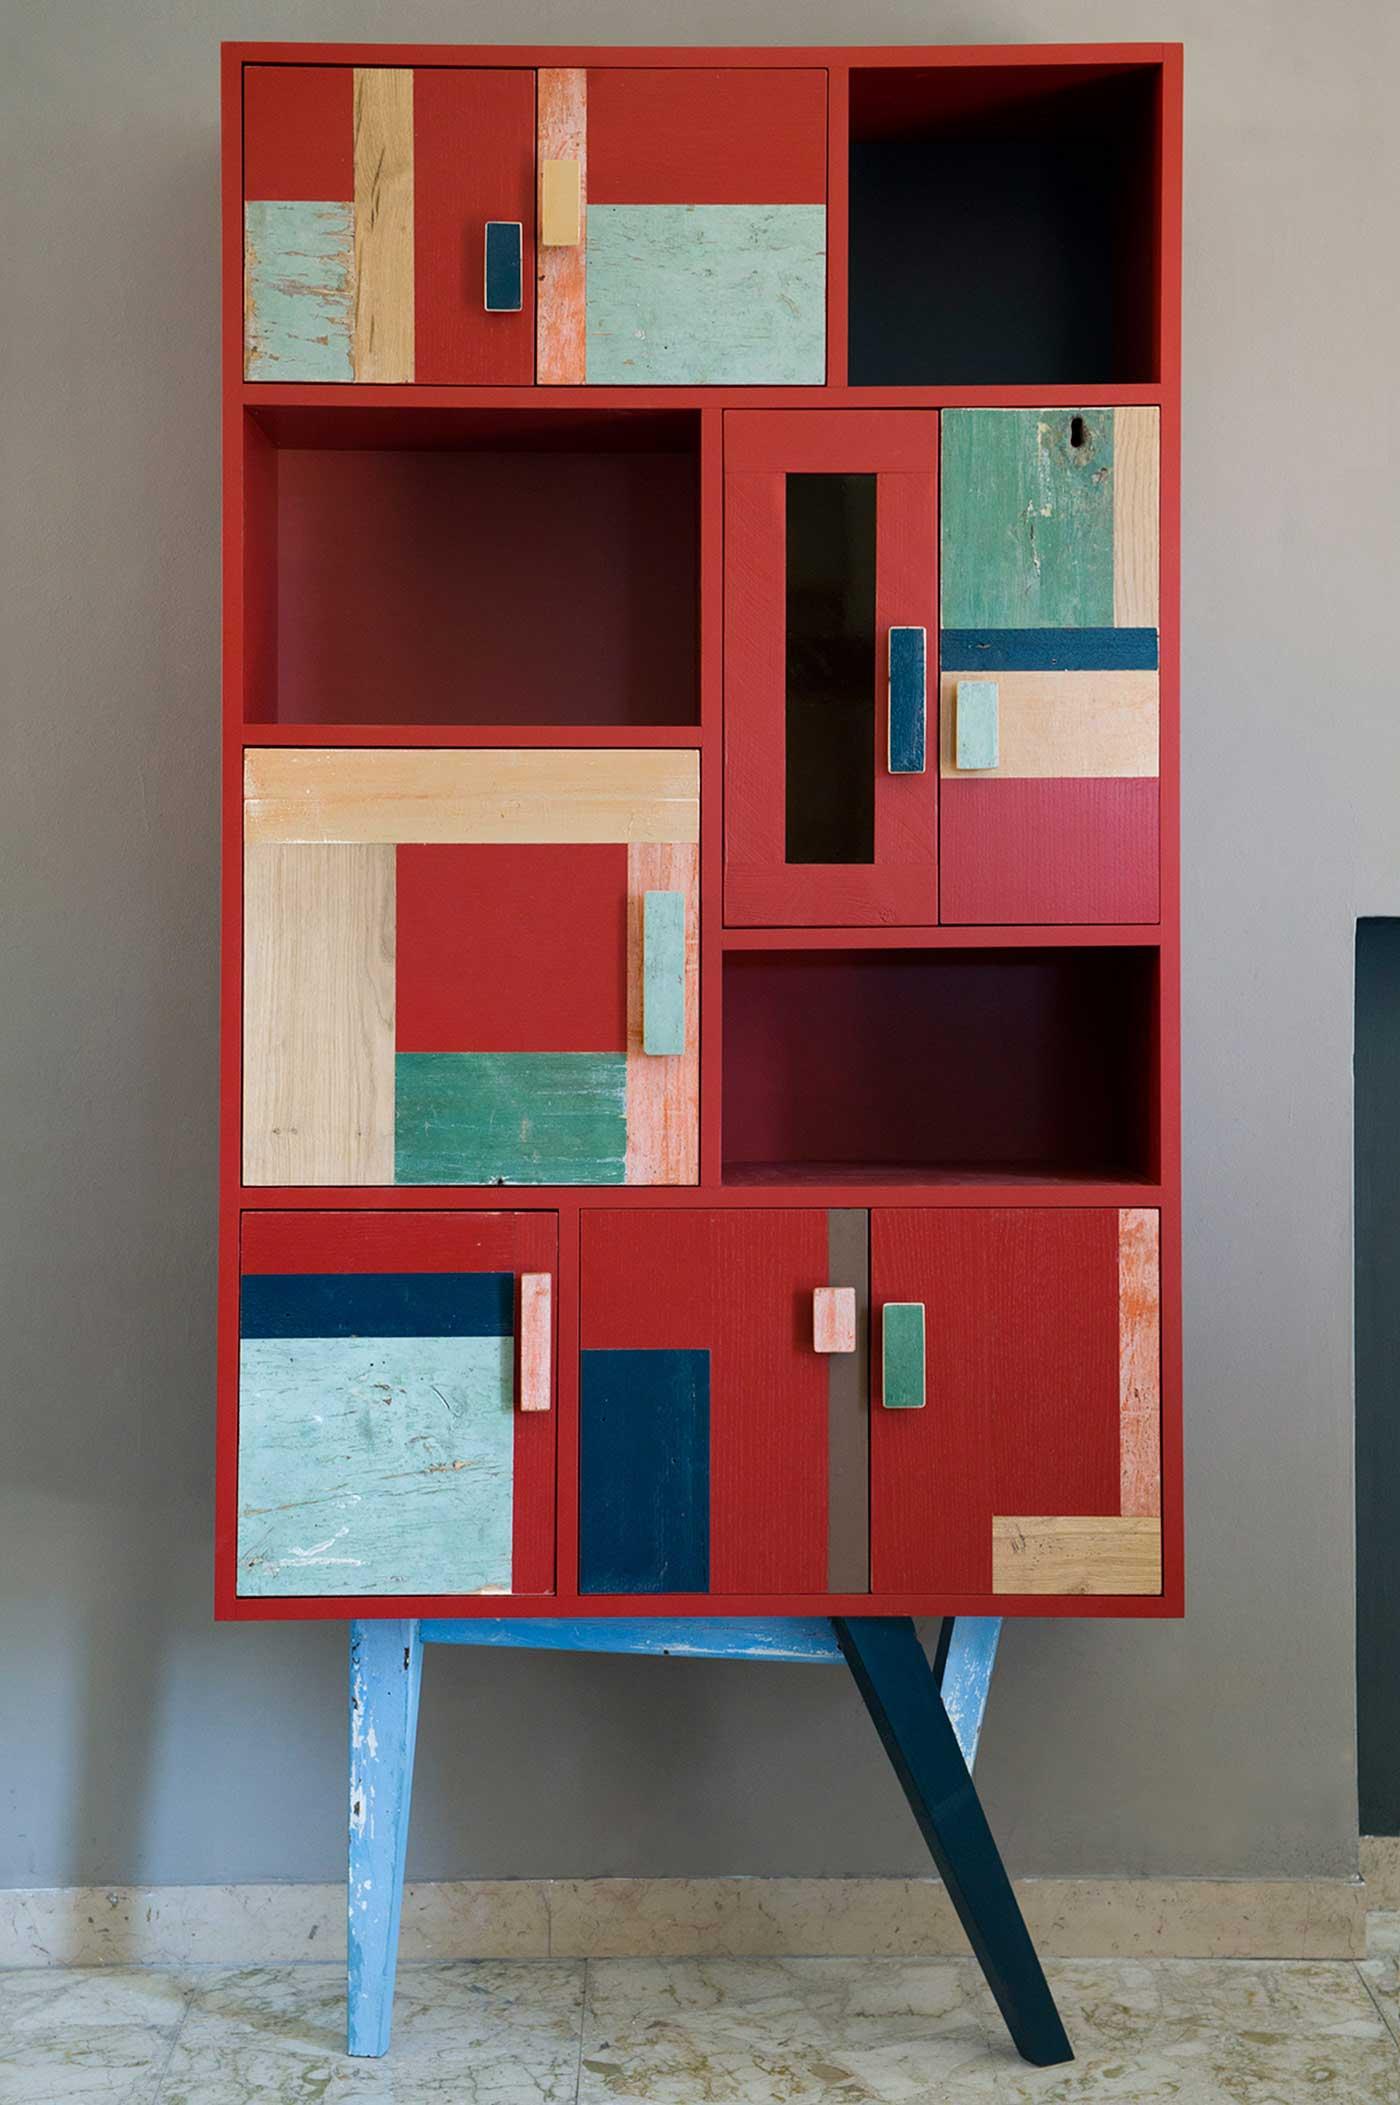 Dispensa alta struttura in legno riciclato vintage. Sportelli con legno di recupero colorato.